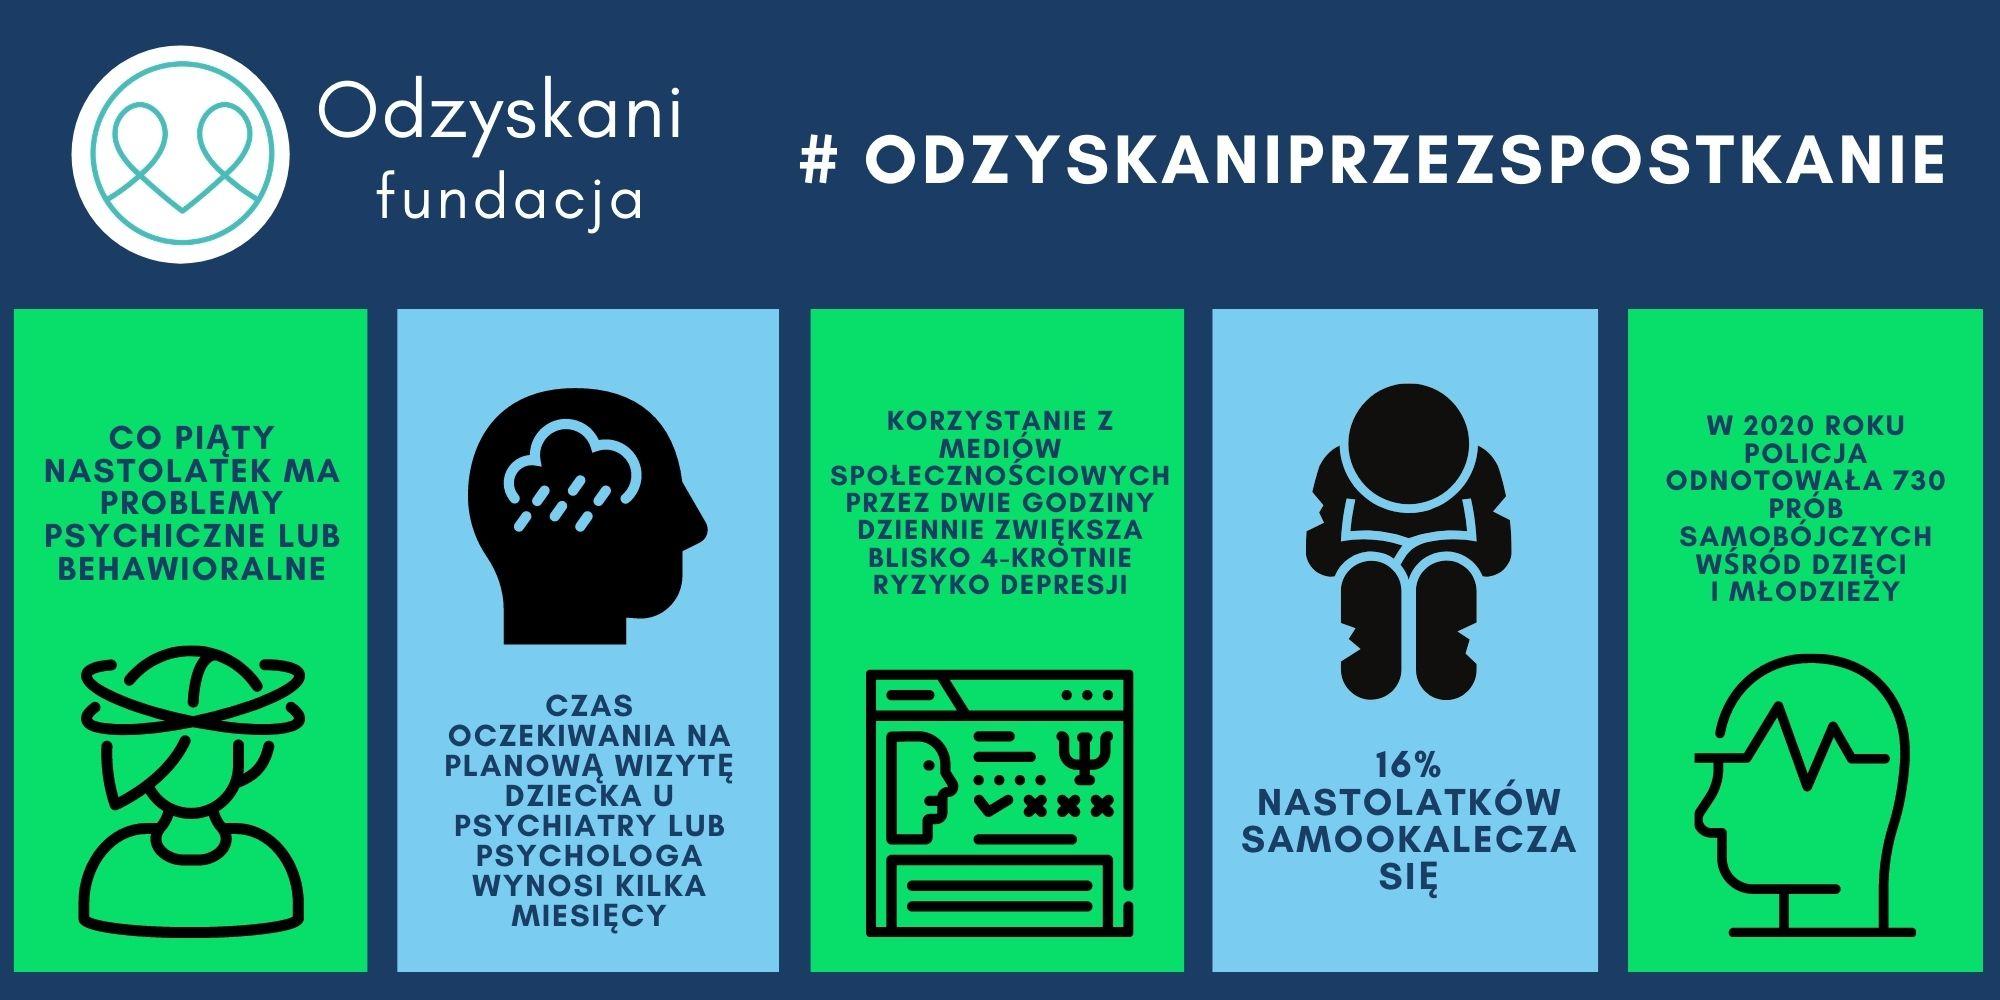 Infografika przedstawiająca problemy młodzieży: 1. Co piąty nastolatek ma problemy psychiczne lub behawioralne, 2. czas oczekiwania na planową wizytę dziecka u psychiatry lub psychologa wynosi kilka miesięcy, 3. Korzystanie z mediów społecznościowych przez dwie godziny dziennie zwiększa blisko 4-krotnie ryzyko depresji, 4. 16% nastolatków samookalecza się, 5. W 2020 roku policja odnotowała 730 prób samobójczych wśród dzieci i młodzieży